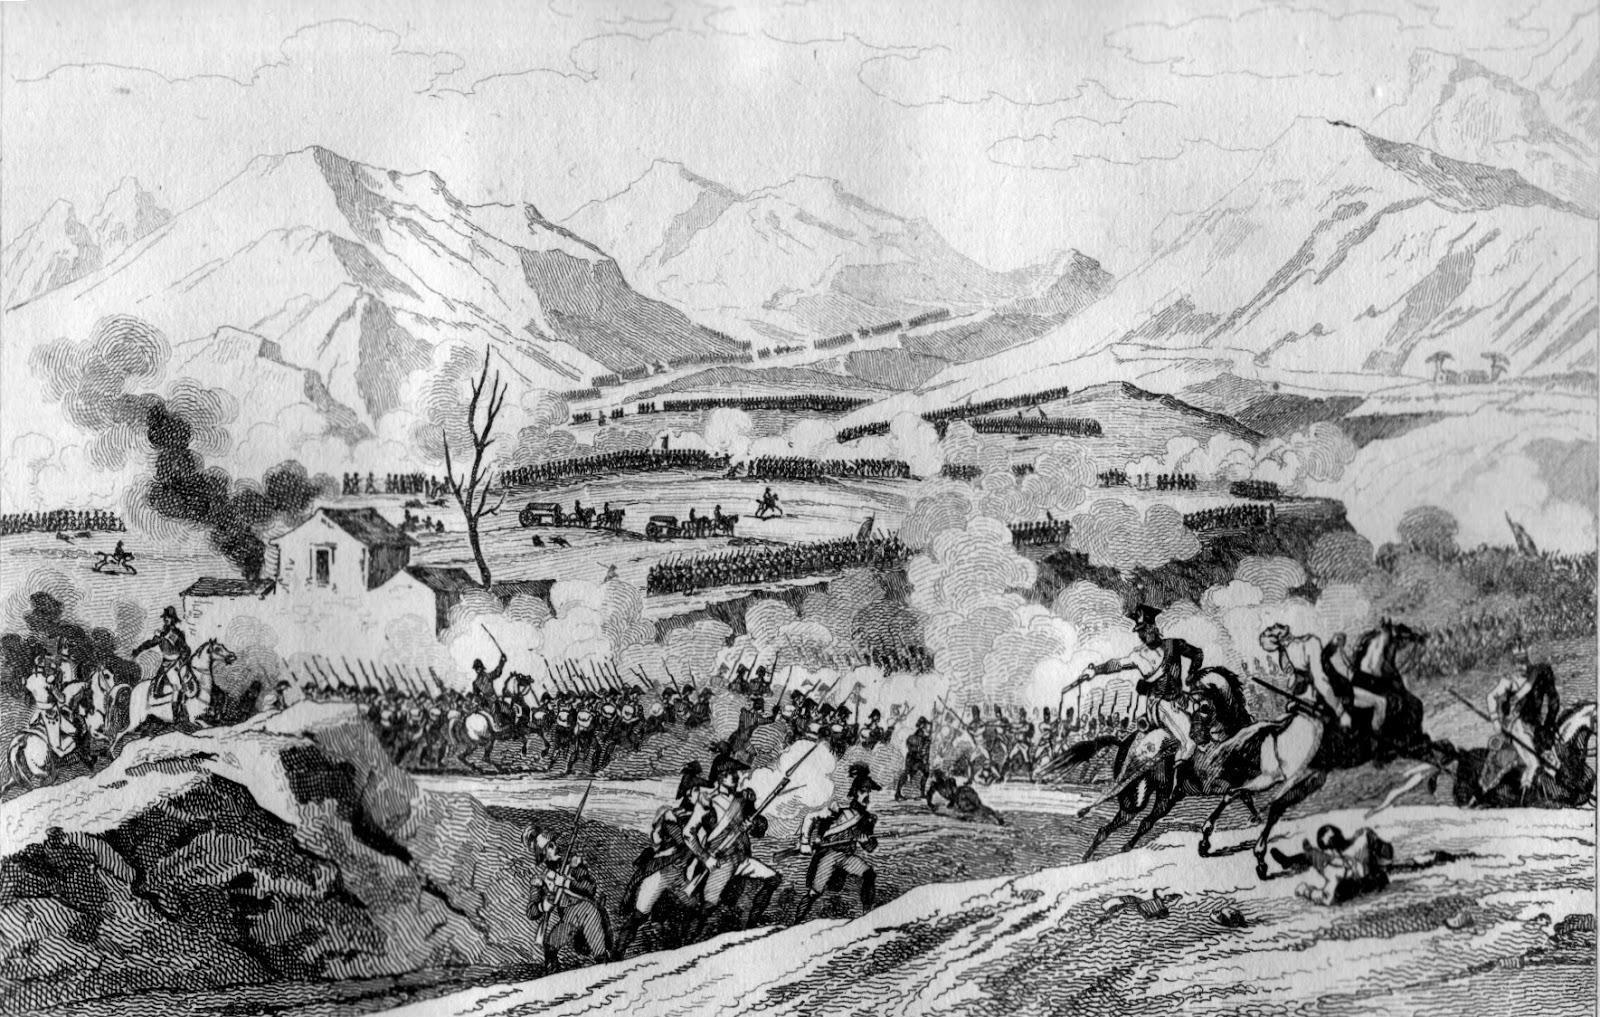 bataille_de_rivoli_1797